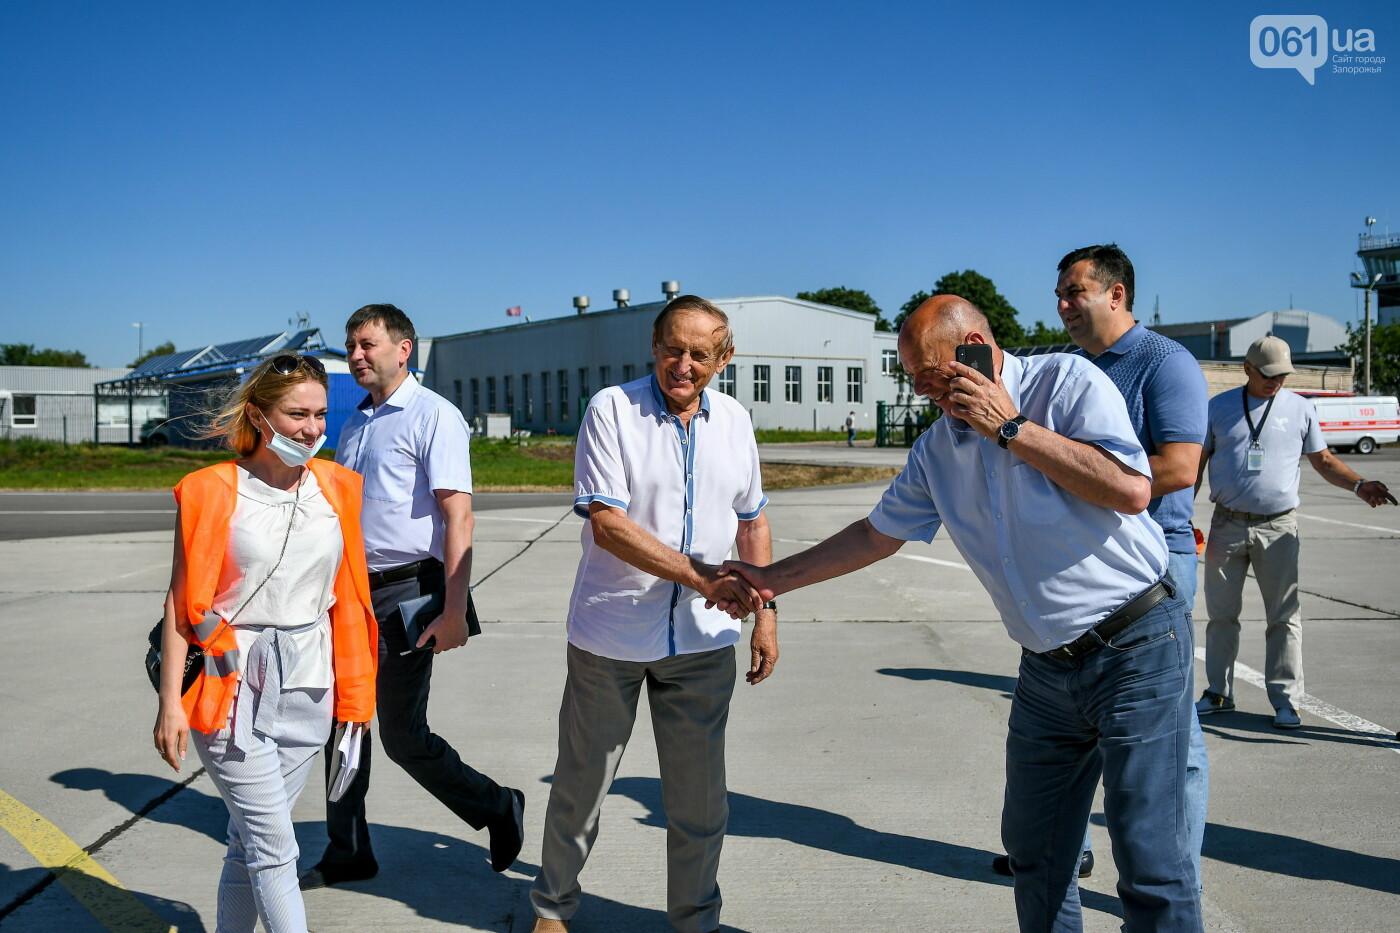 В Запорожье проходят соревнования по вертолетному спорту, - ФОТОРЕПОРТАЖ, фото-28